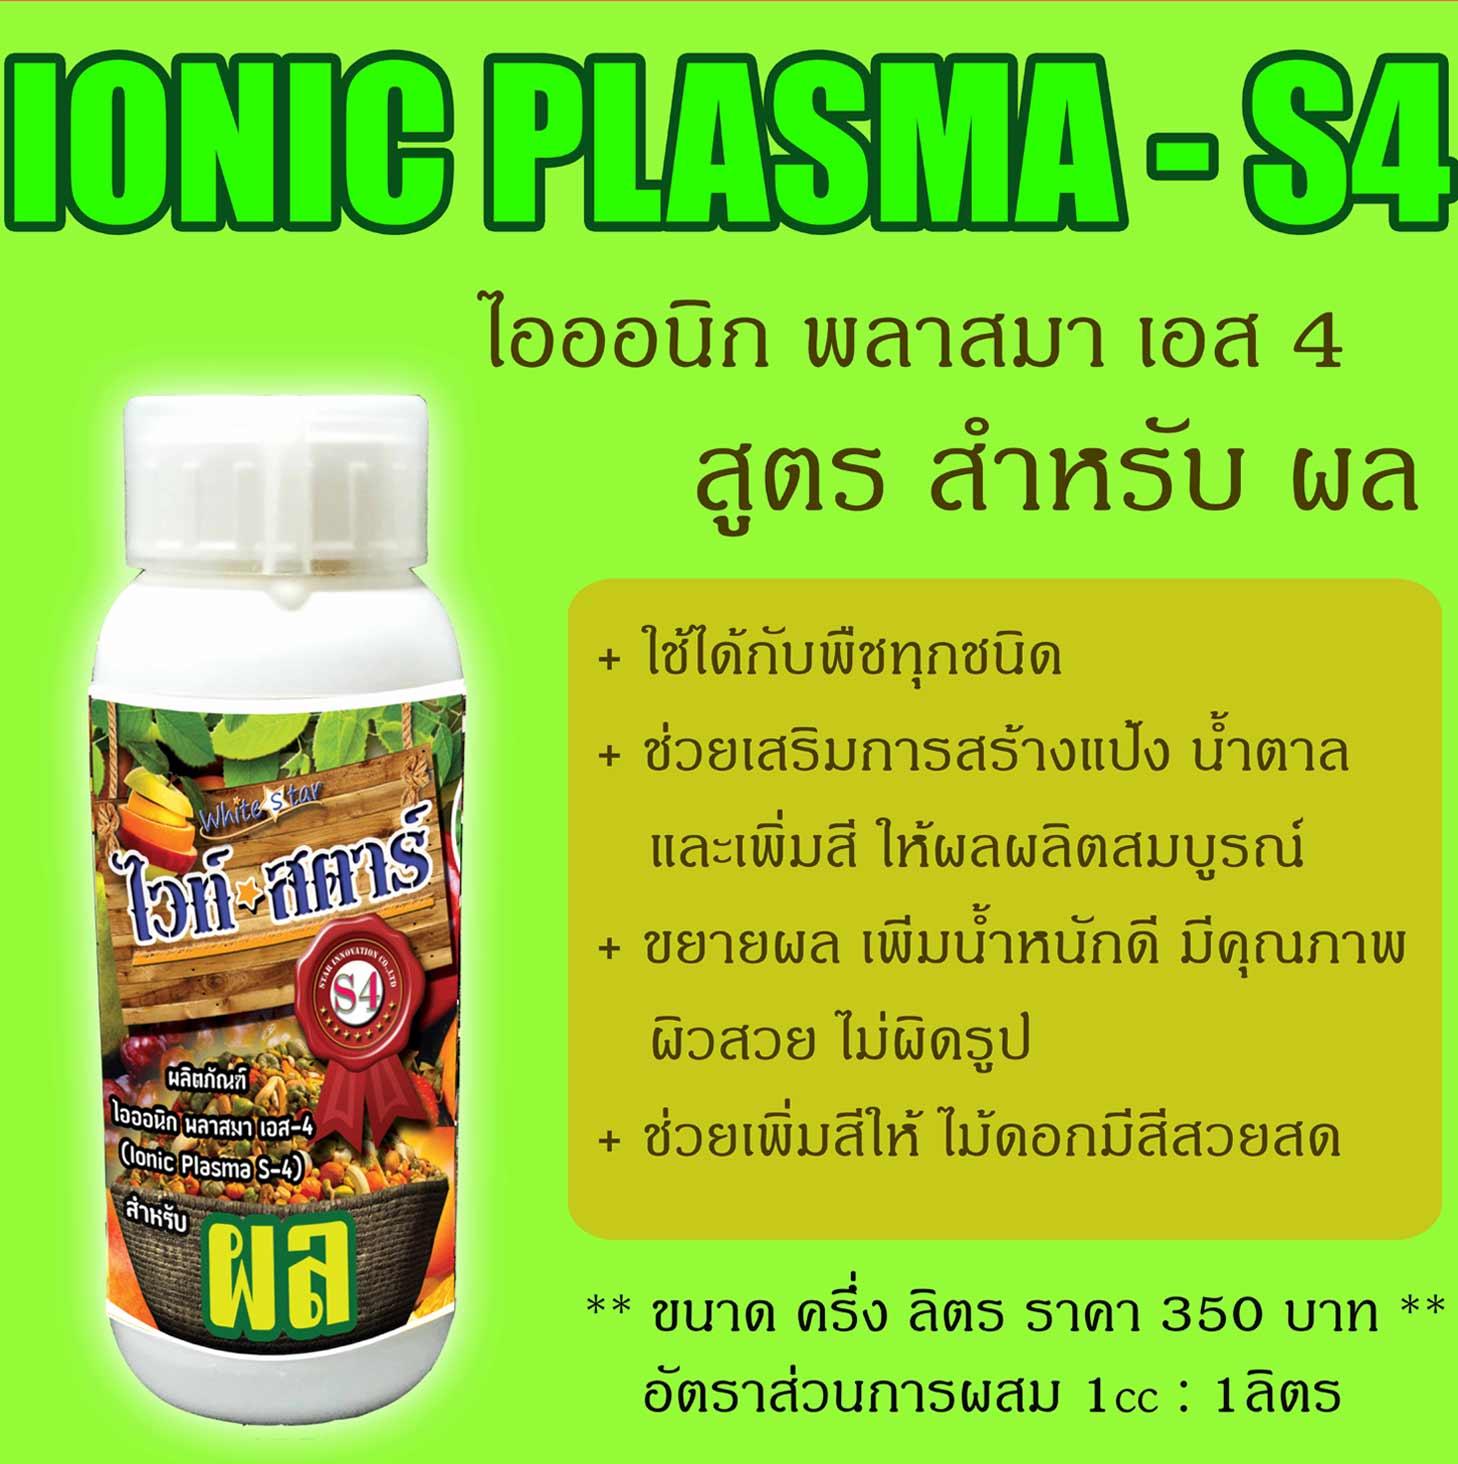 Ionic Plasma S4 ไอออนิก พลาสมา สำหรับ ผล 500 ml